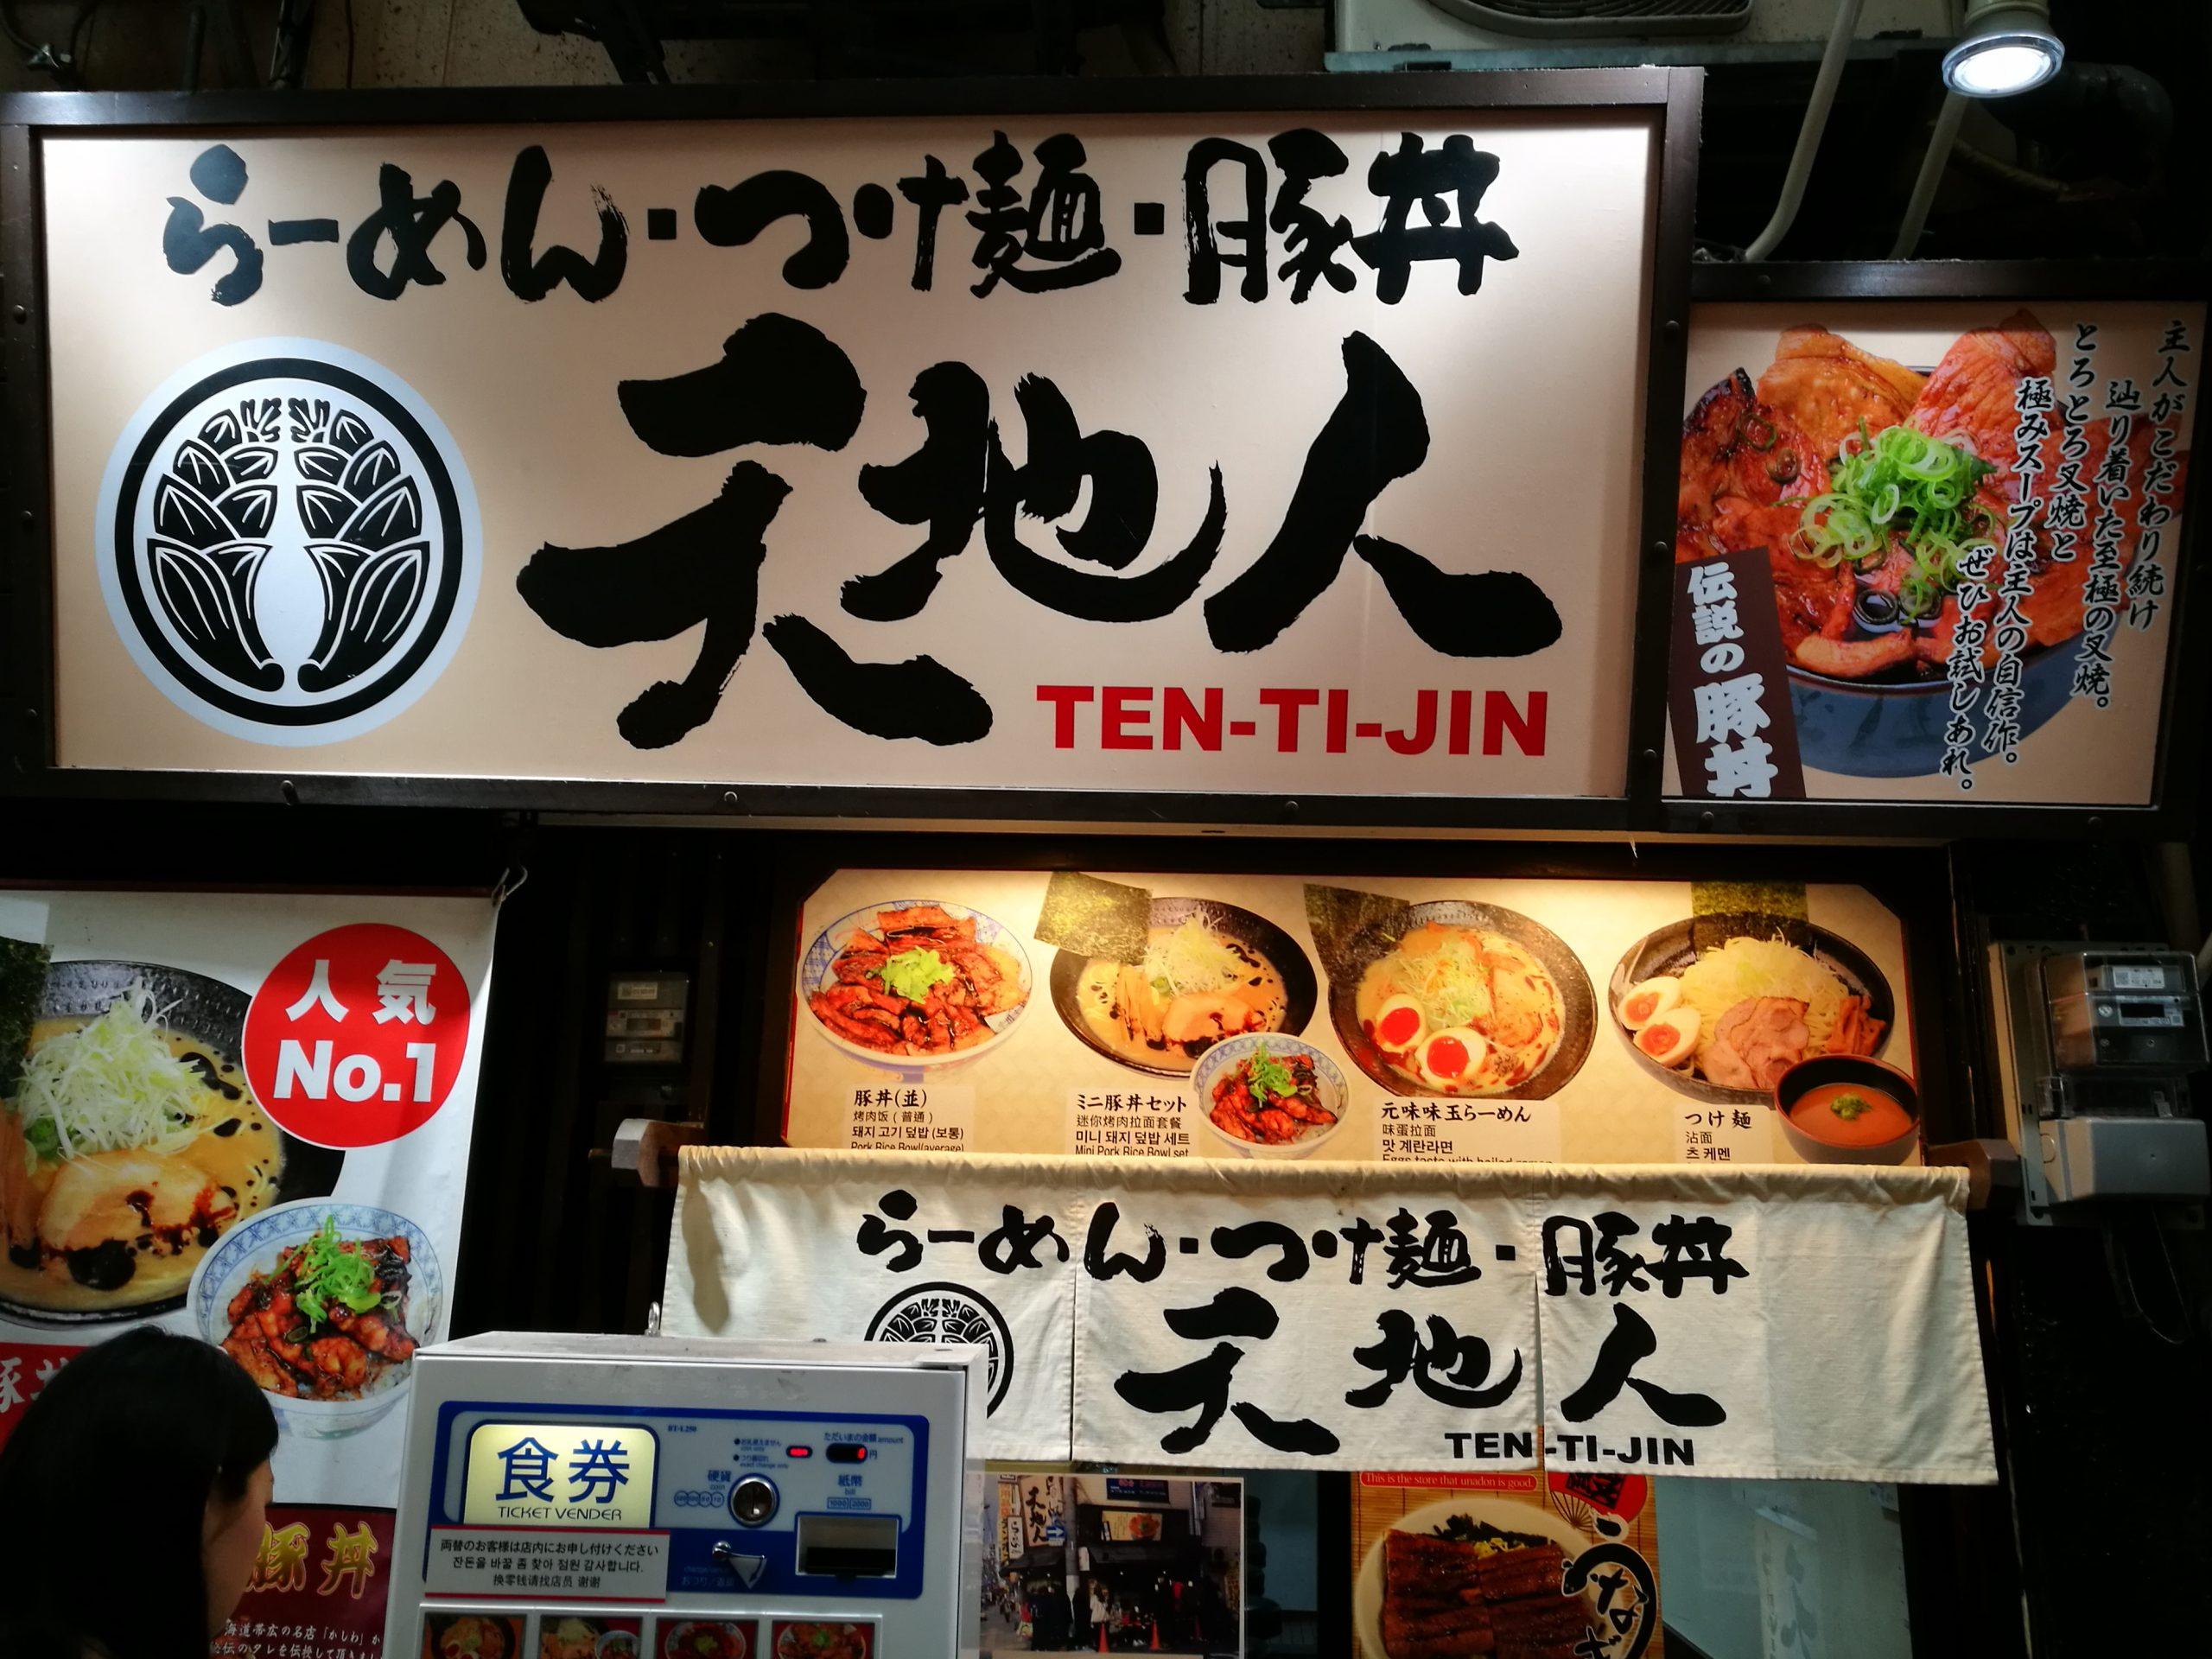 。大阪 美食。天地人燒肉飯:傳說中的暗黑料理,平價又好吃的炭燒豚井,大推薦!!